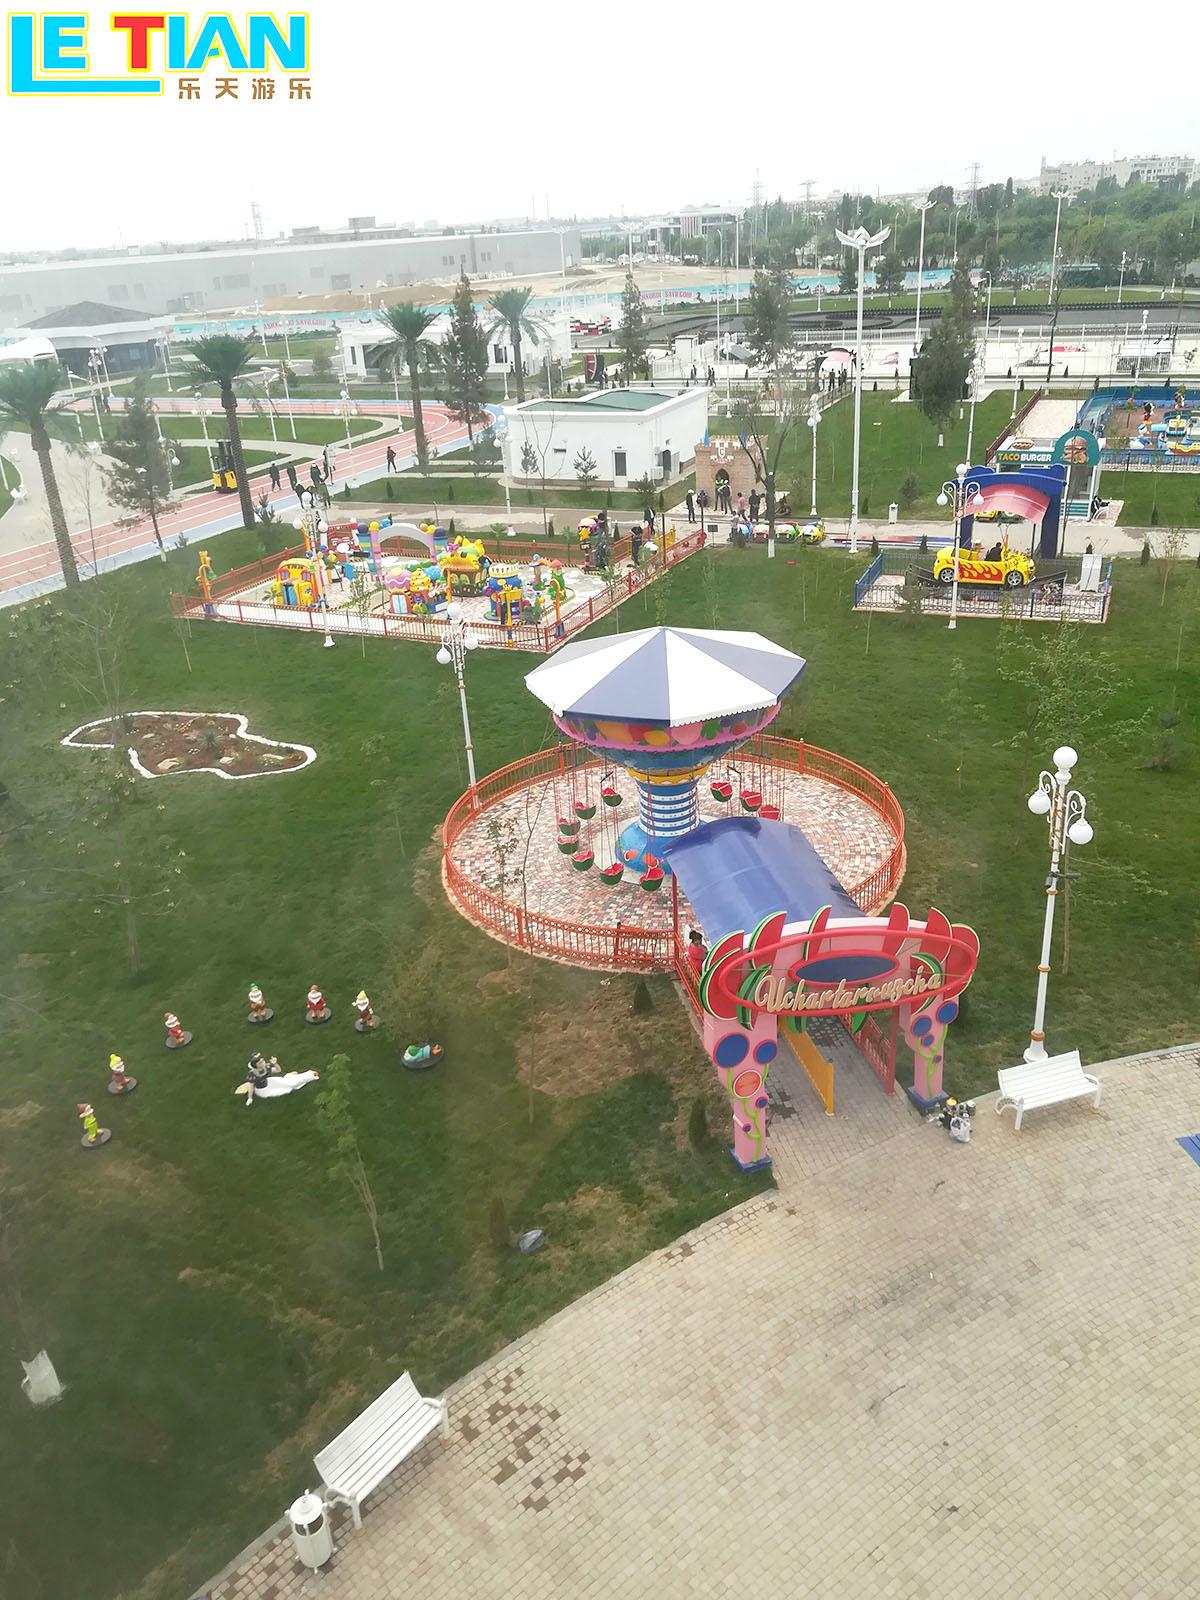 The amusement park in Uzbekistan